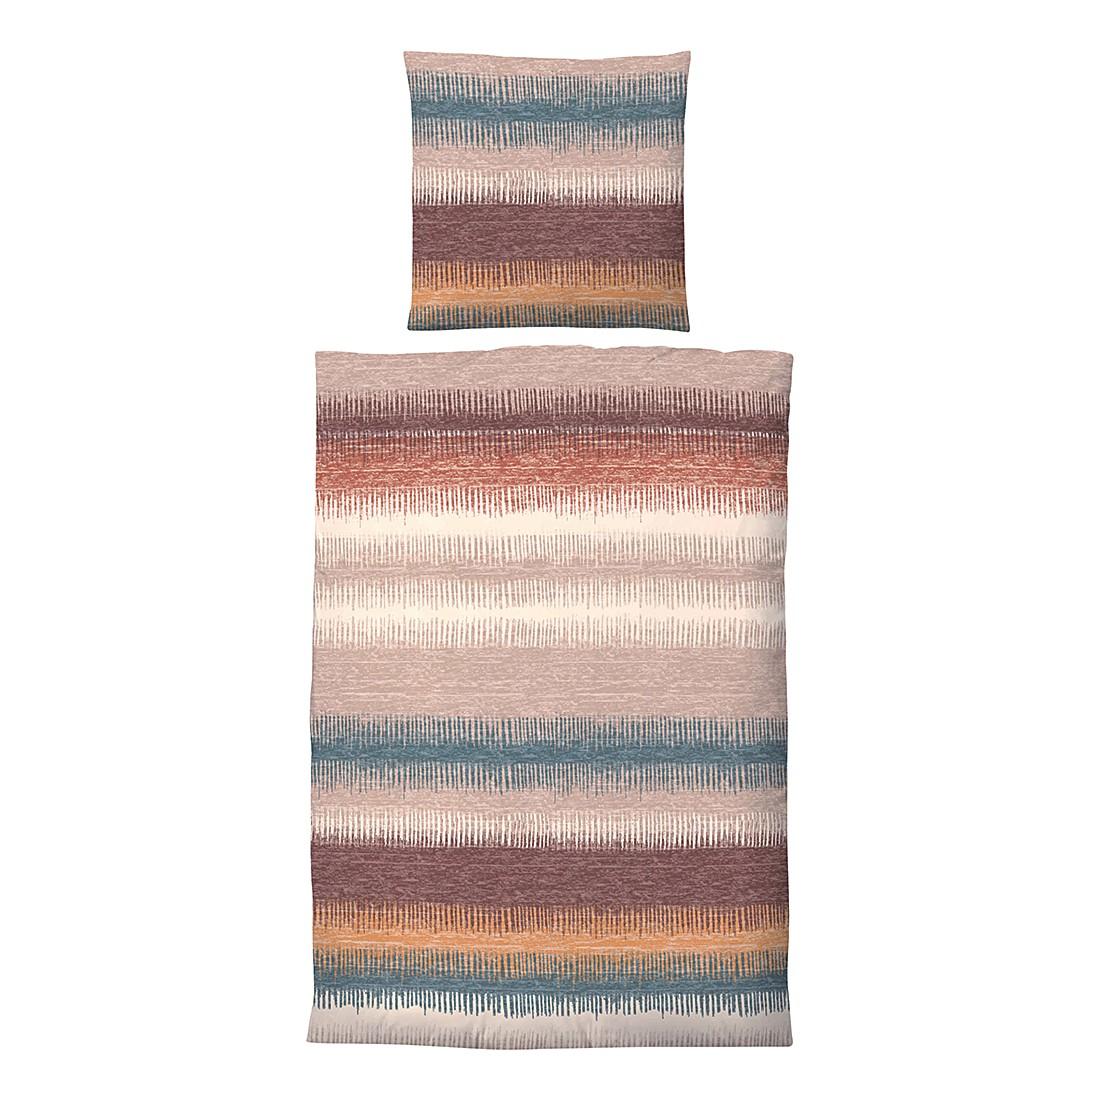 Winter-Soft-Seersucker Bettwäsche Charlotte – Taupe – 155 x 220 cm + Kissen 80 x 80 cm, Biberna günstig kaufen